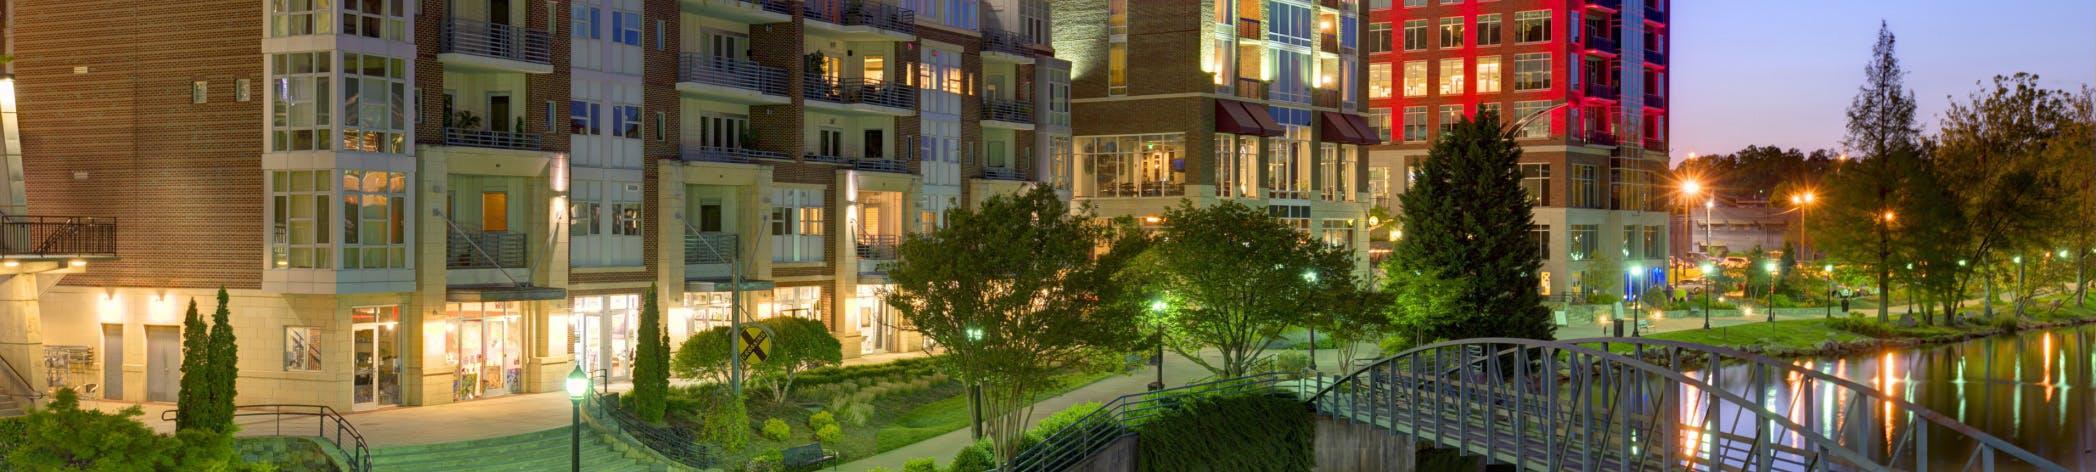 Last Minute Hotel Deals in Greenville - HotelTonight